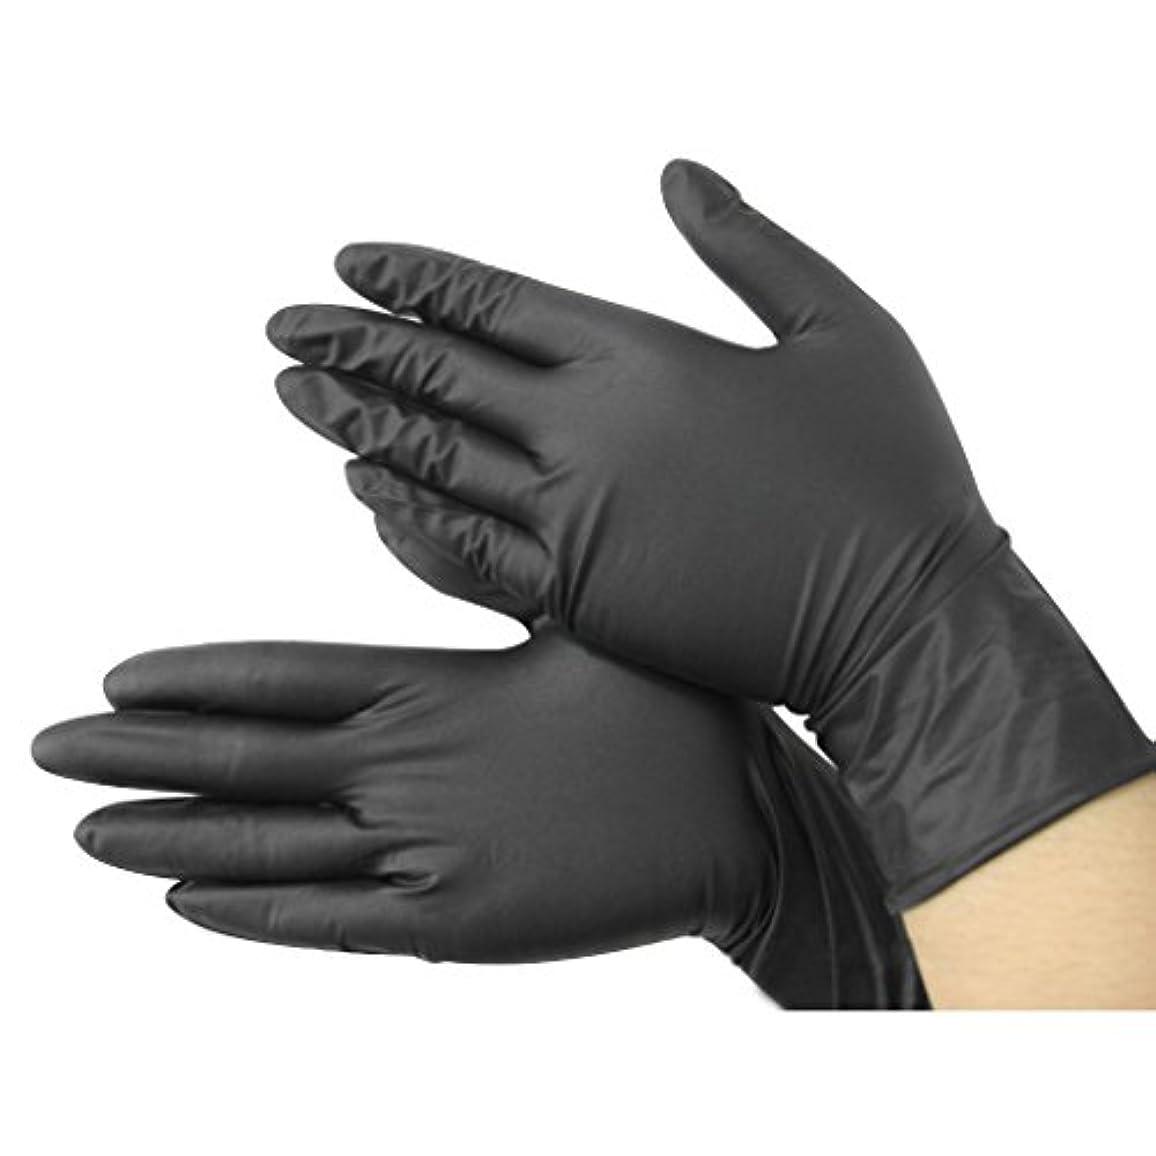 起業家十分なブラケットCUHAWUDBA 黒いニトリル使い捨てクール手袋 パワーフリーX100 - 入れ墨 - メカニック 新しい